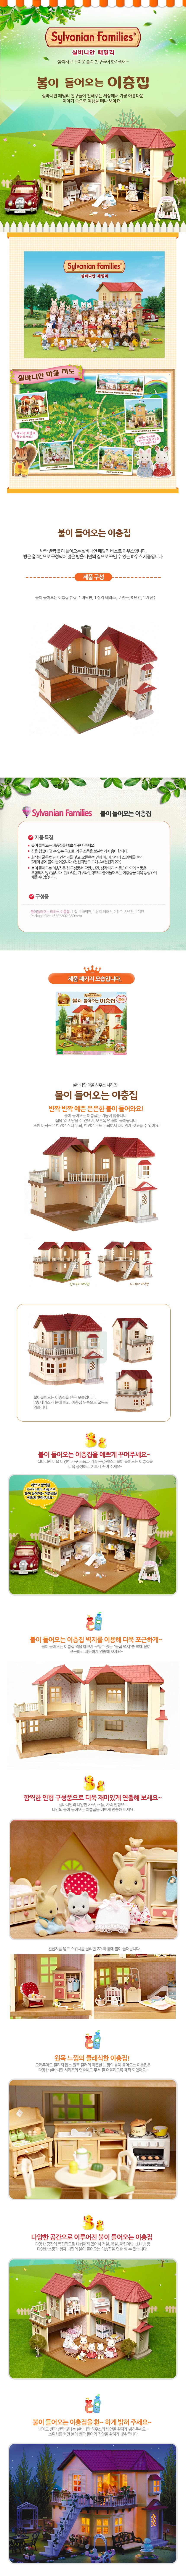 20851-불이 들어오는 테라스 이층집 - 실바니안패밀리, 110,000원, 캐릭터 피규어, 실바니안패밀리